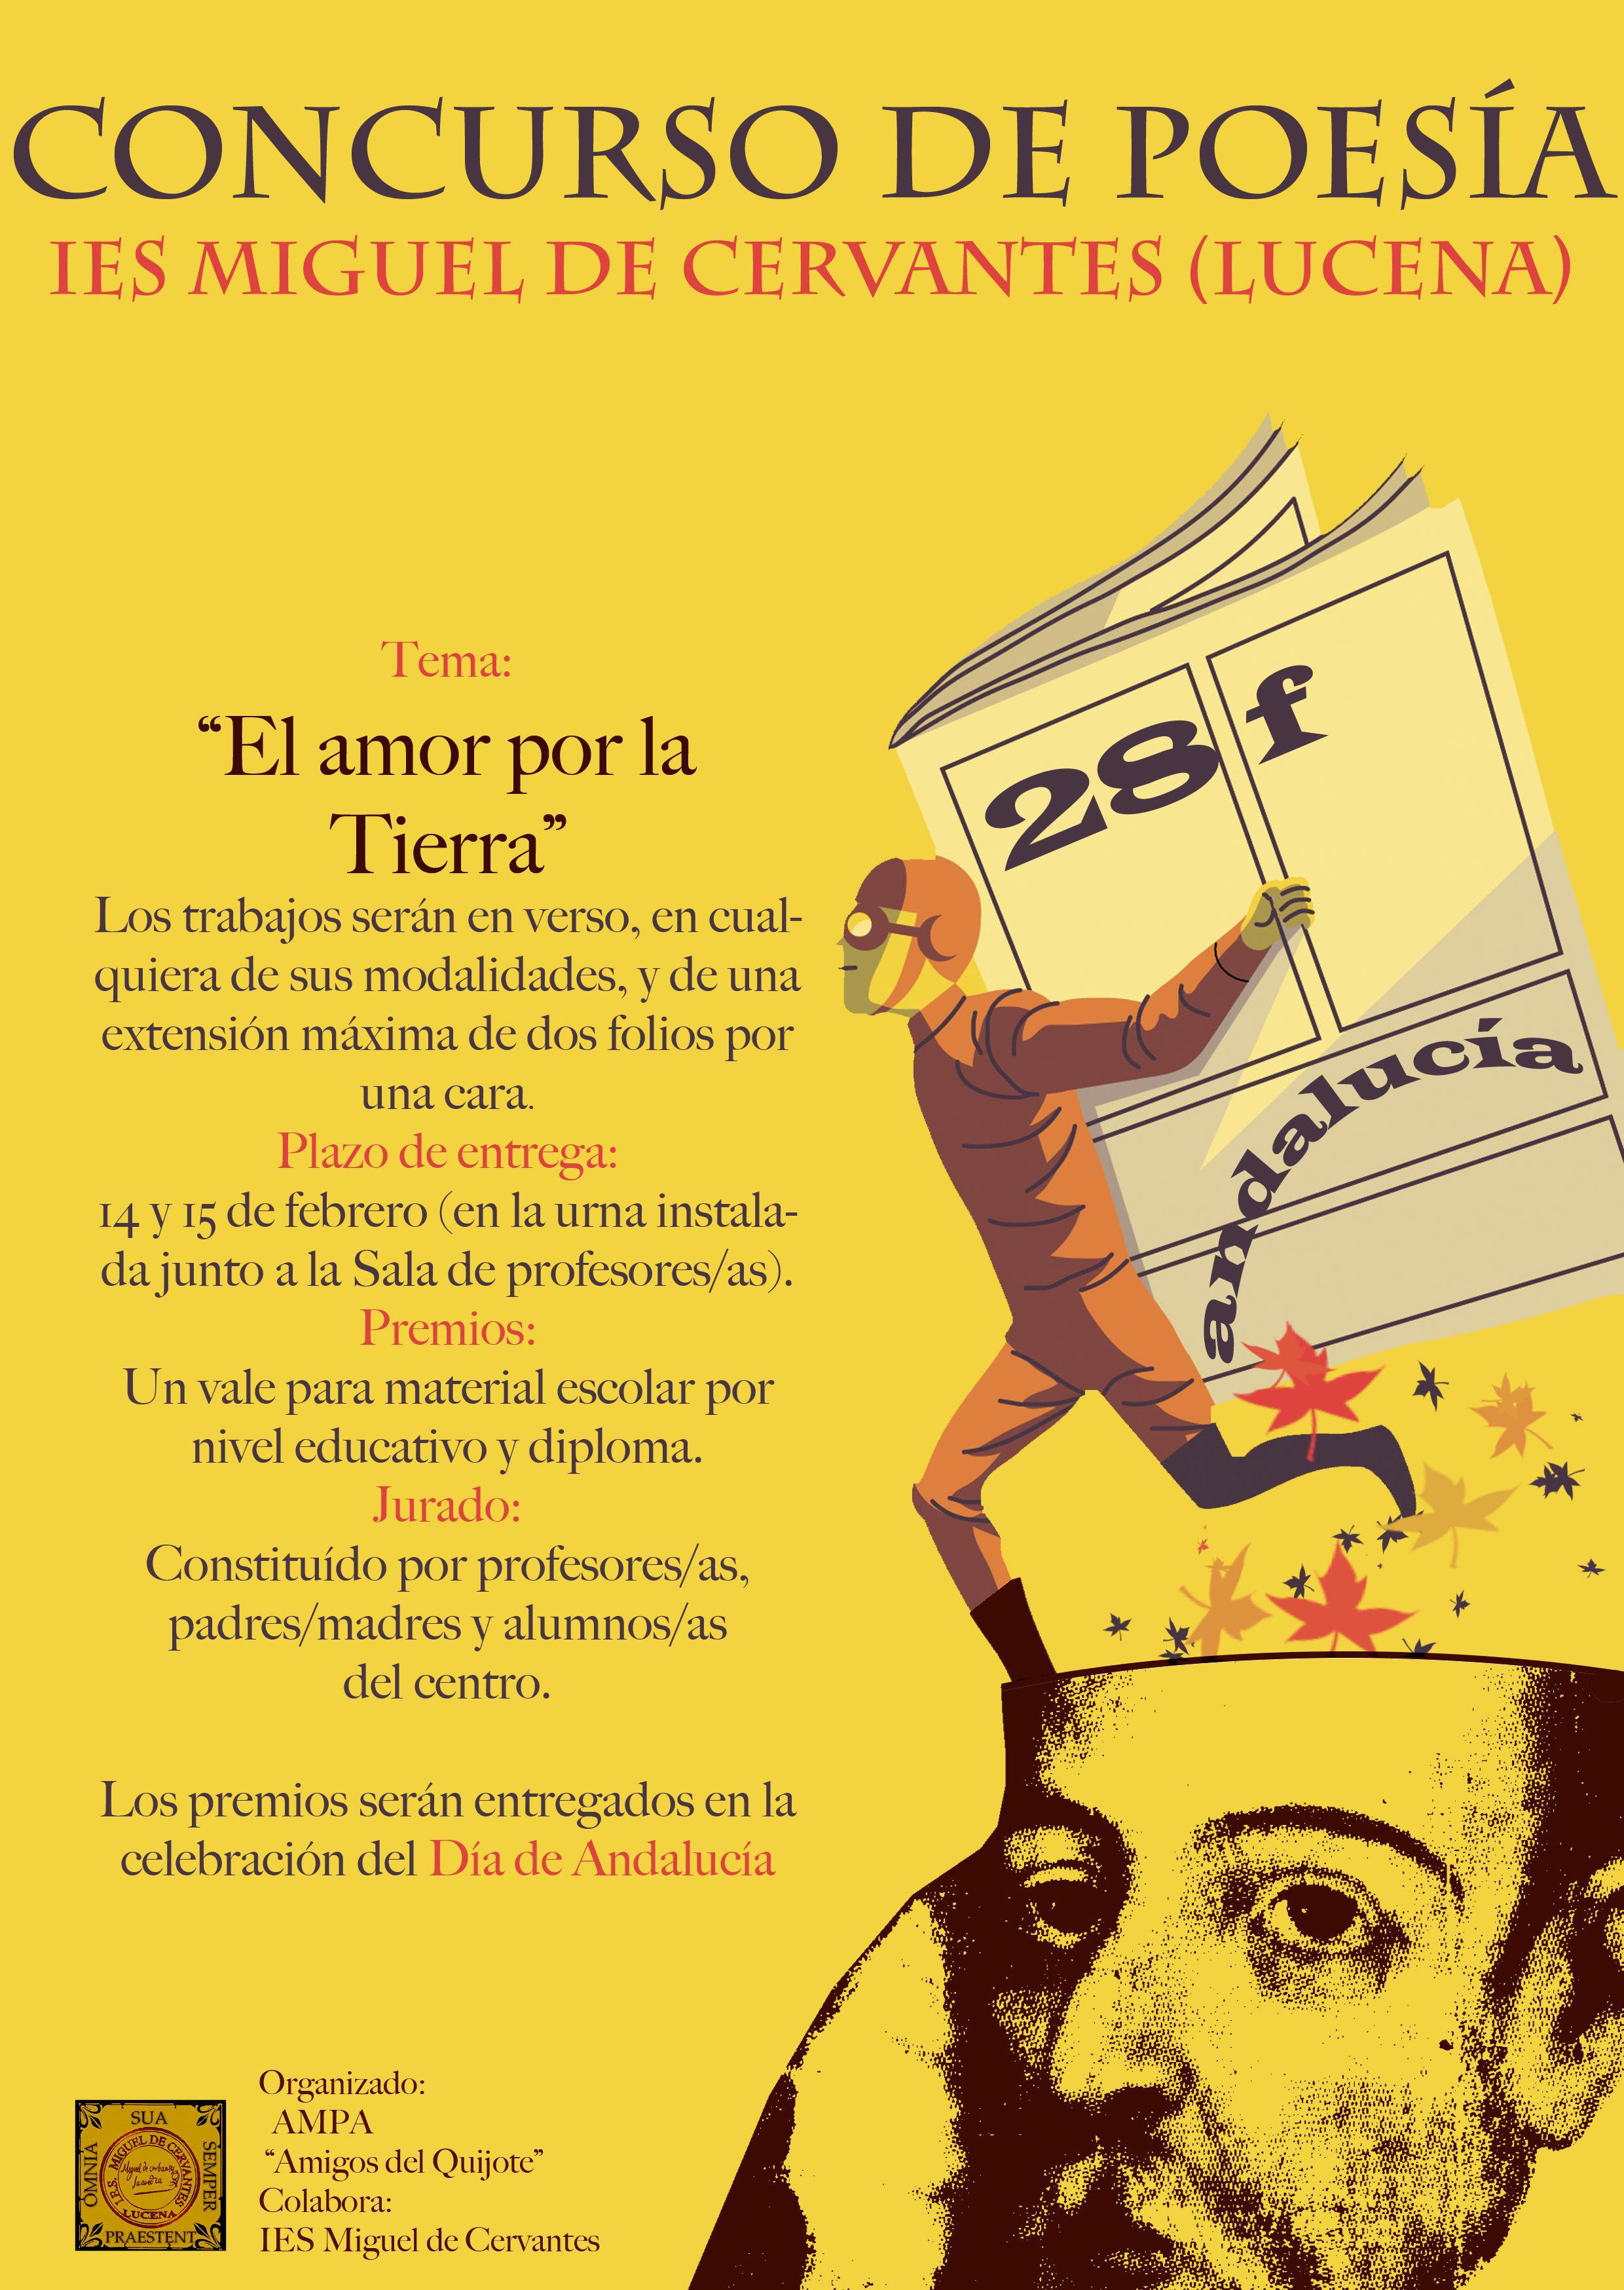 Poesia Coral Para Despedida De Alumnos De Escuela | apexwallpapers.com